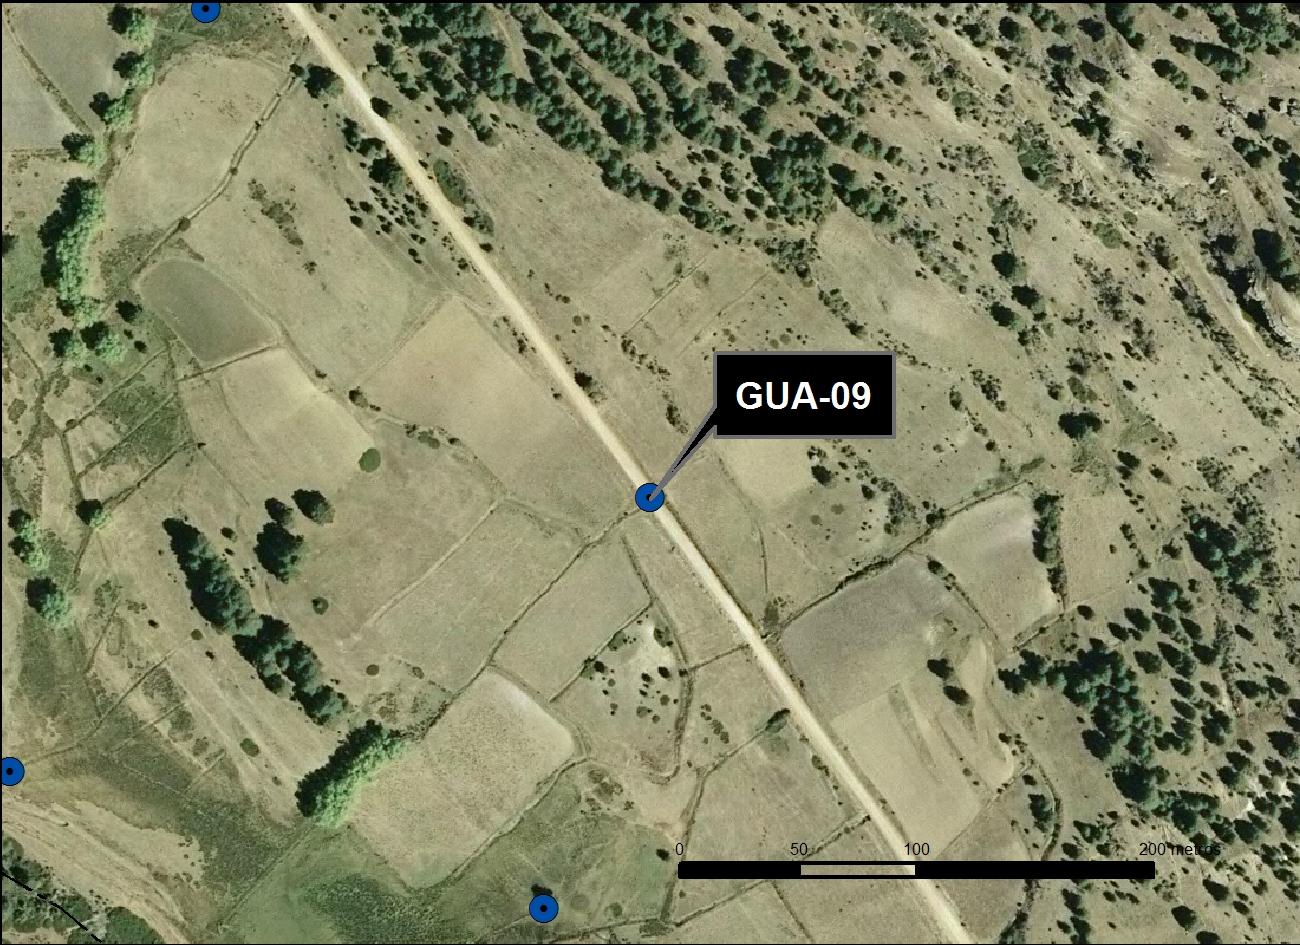 GUA_09_M.V.LOZANO_CANALEJA P. ALTAS_ORTO 1